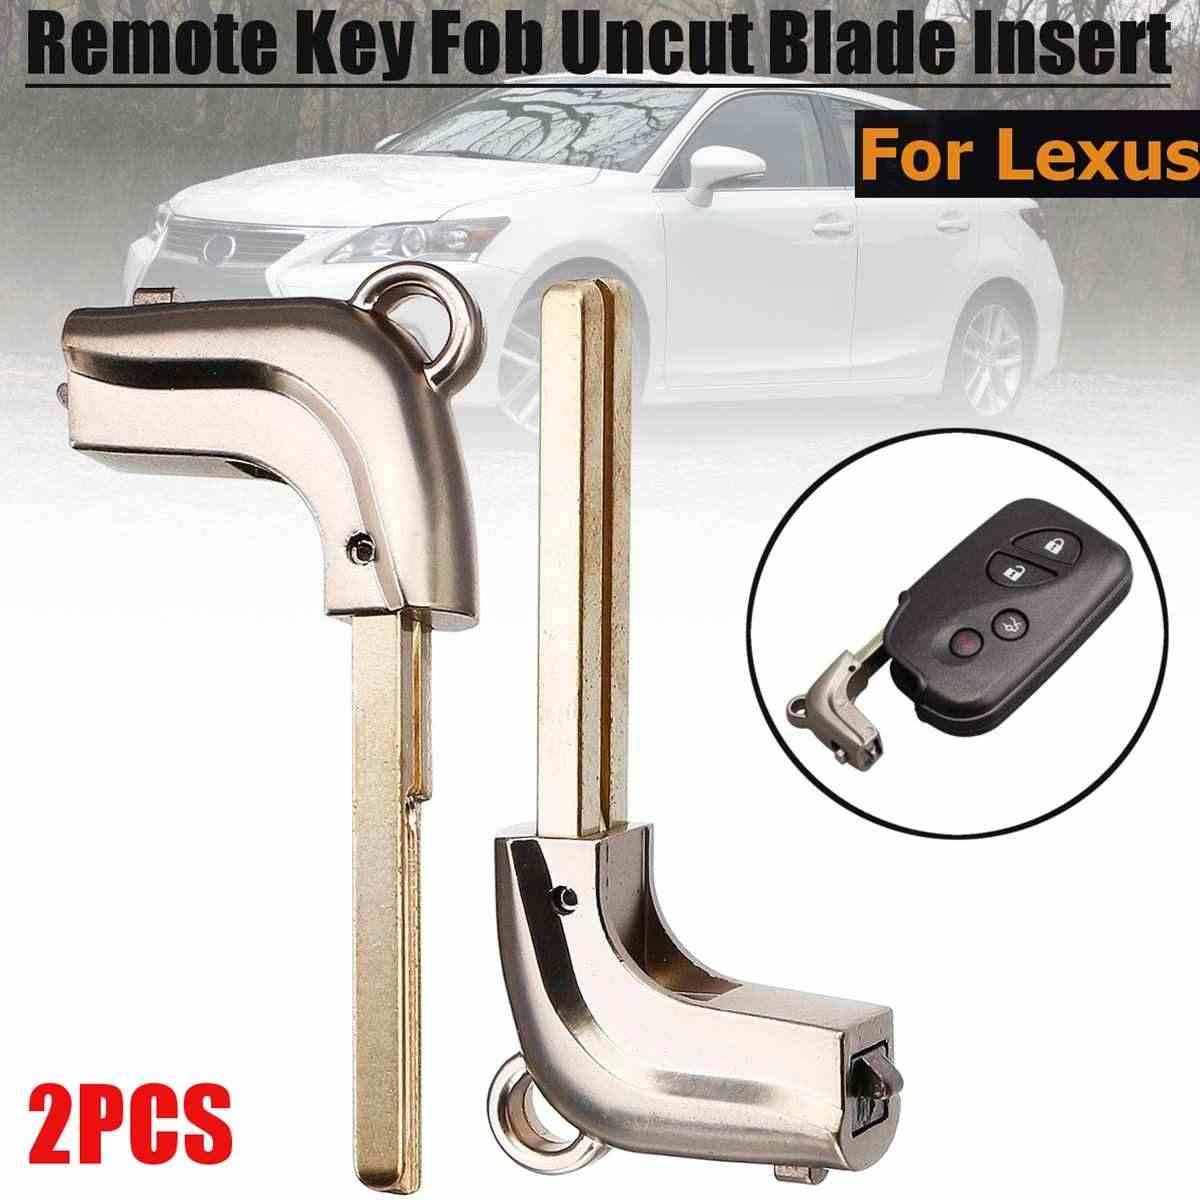 2 шт аварийный дистанционный брелок для ключей без реза для Lexus CT200h IS250 IS350 GS350 69515-50260 для 2007-2014